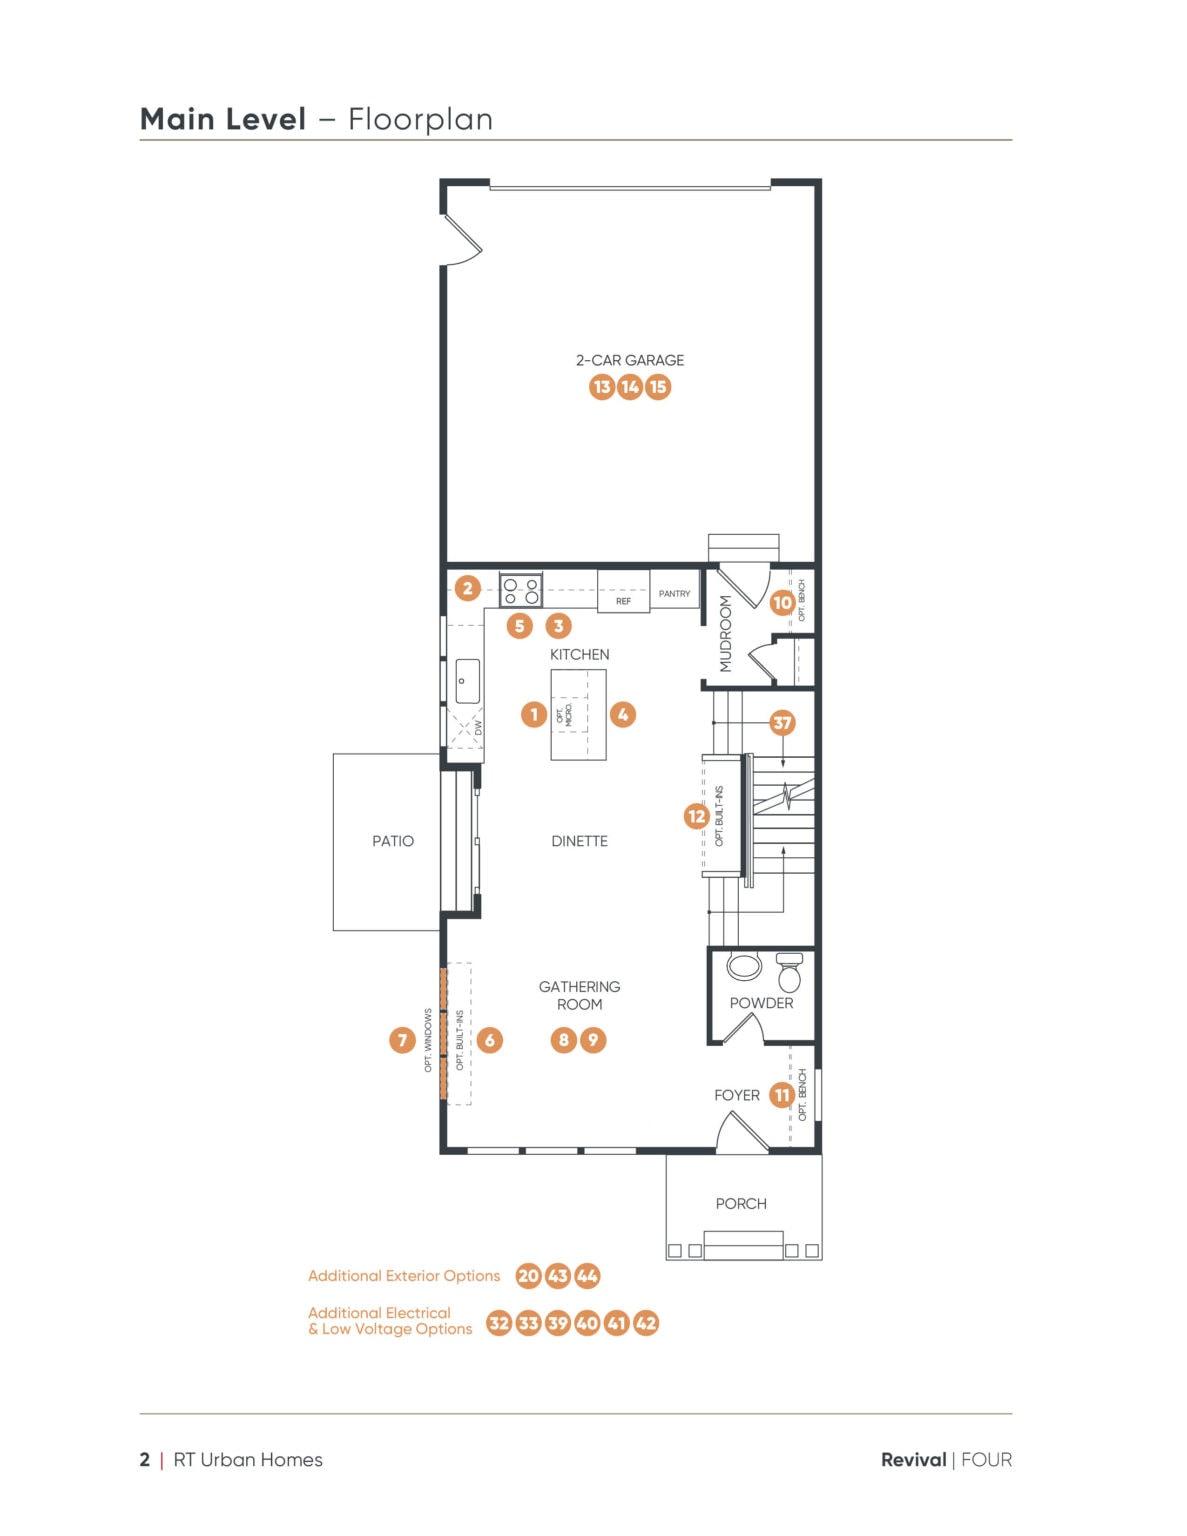 Revival FOUR Floorplan Handout_022820_page 2